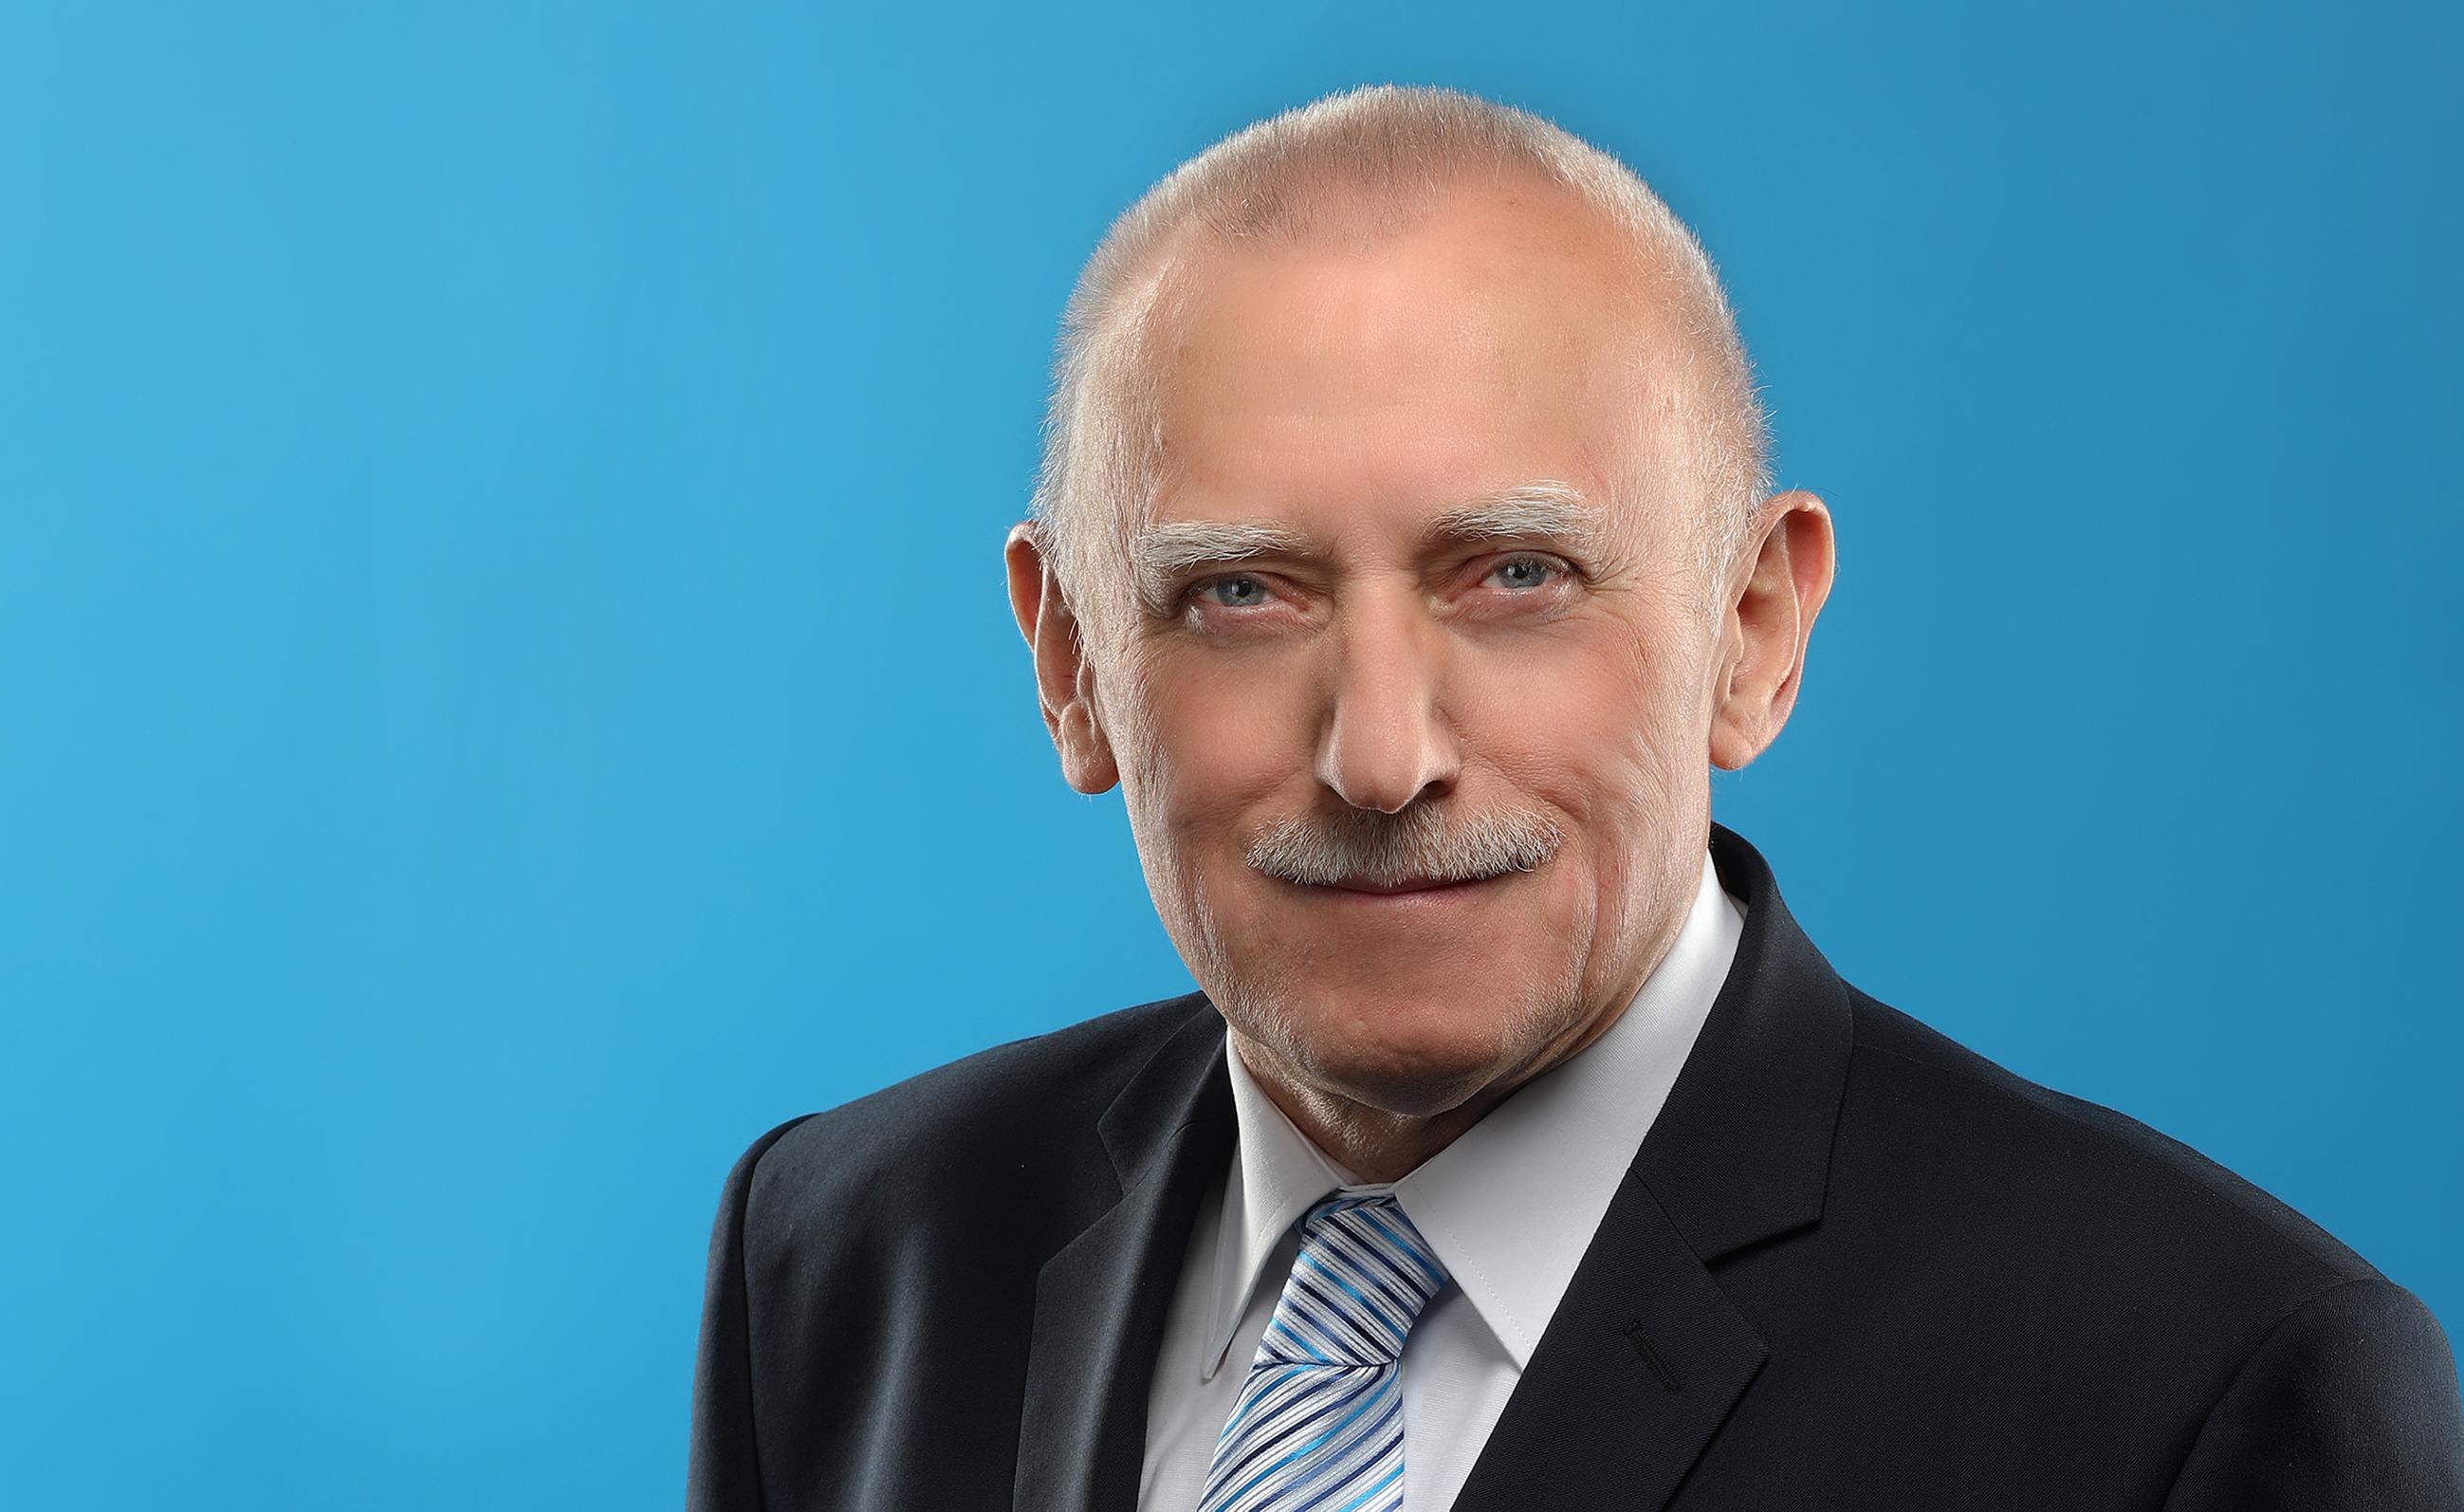 RNDr. Jan Zahradník